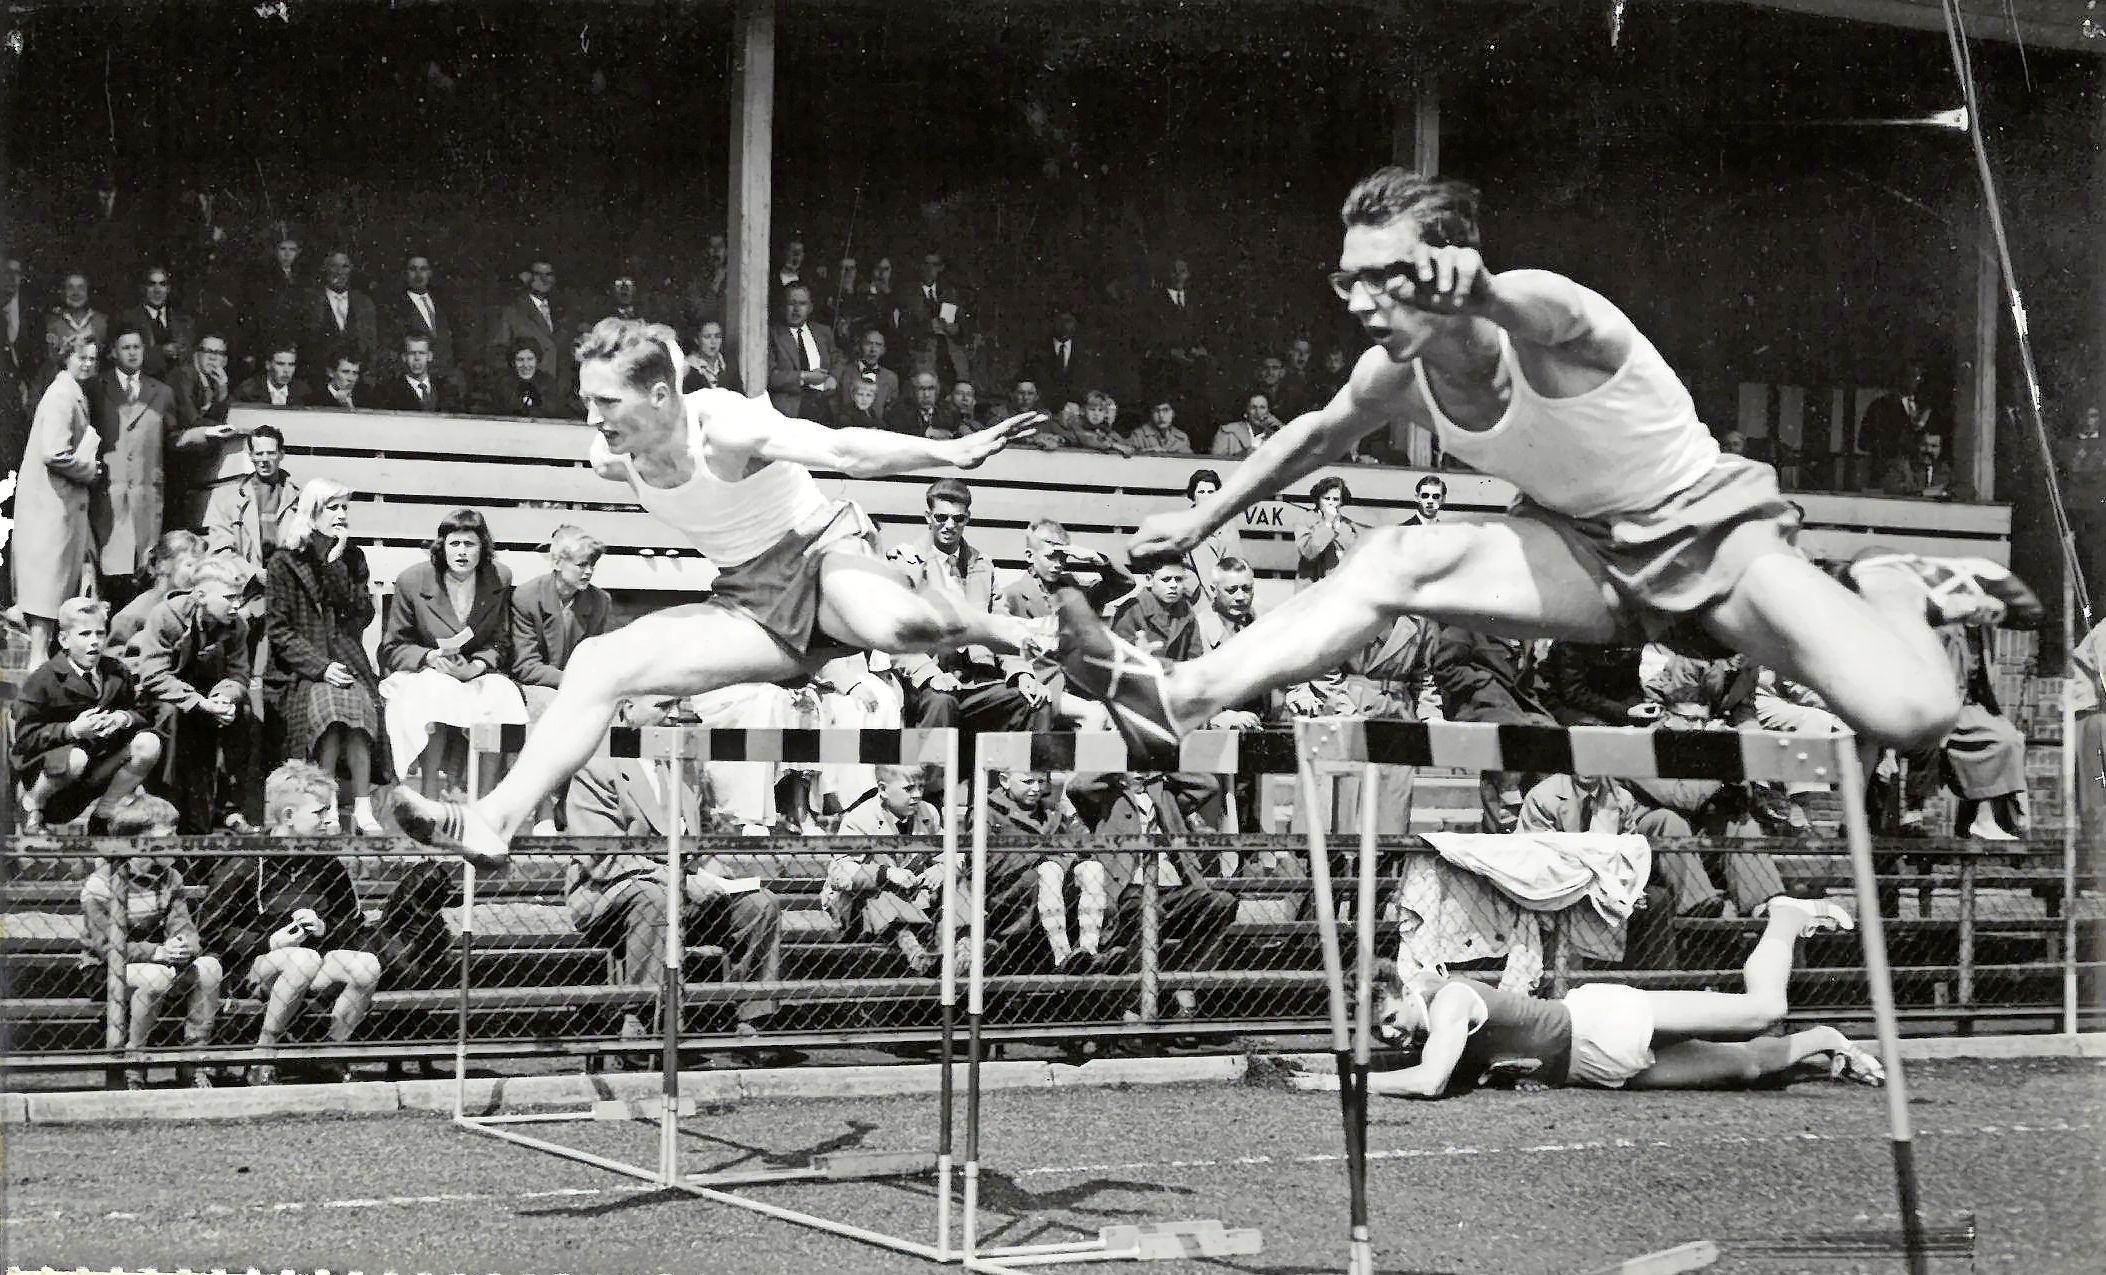 Harry Joacim (1938 - 2021). Atleet, trainer, gymdocent en golfpro die zelfs door de dood bijna niet was te verslaan